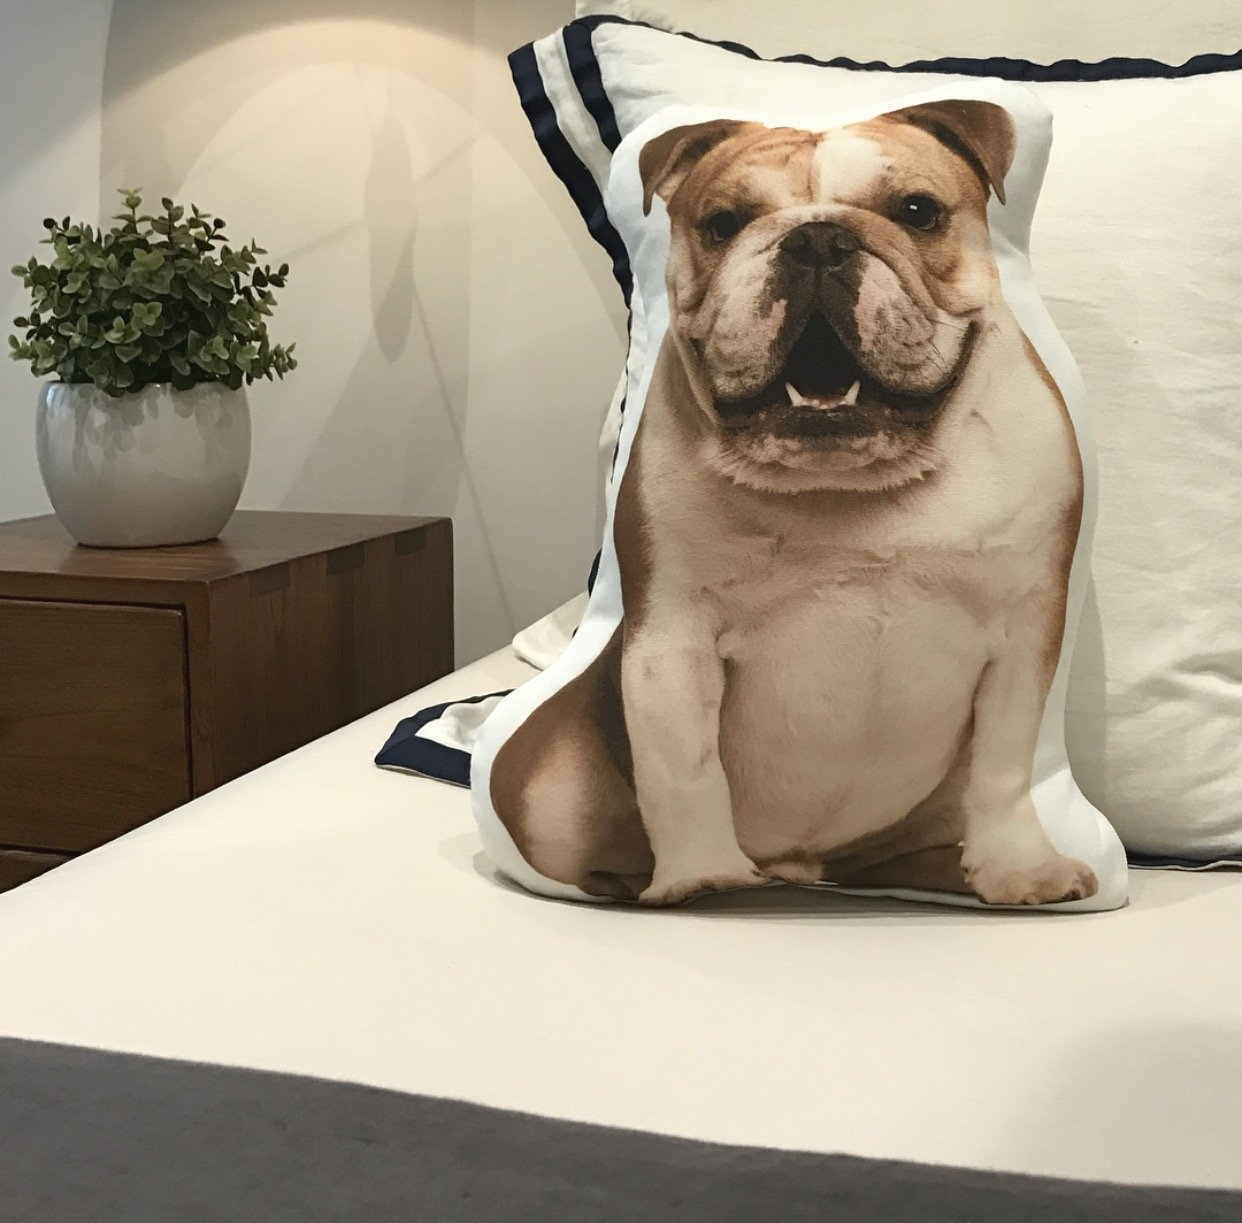 English Bulldog Shaped Pillow 16 x 12 Brown Cows Cushion Co